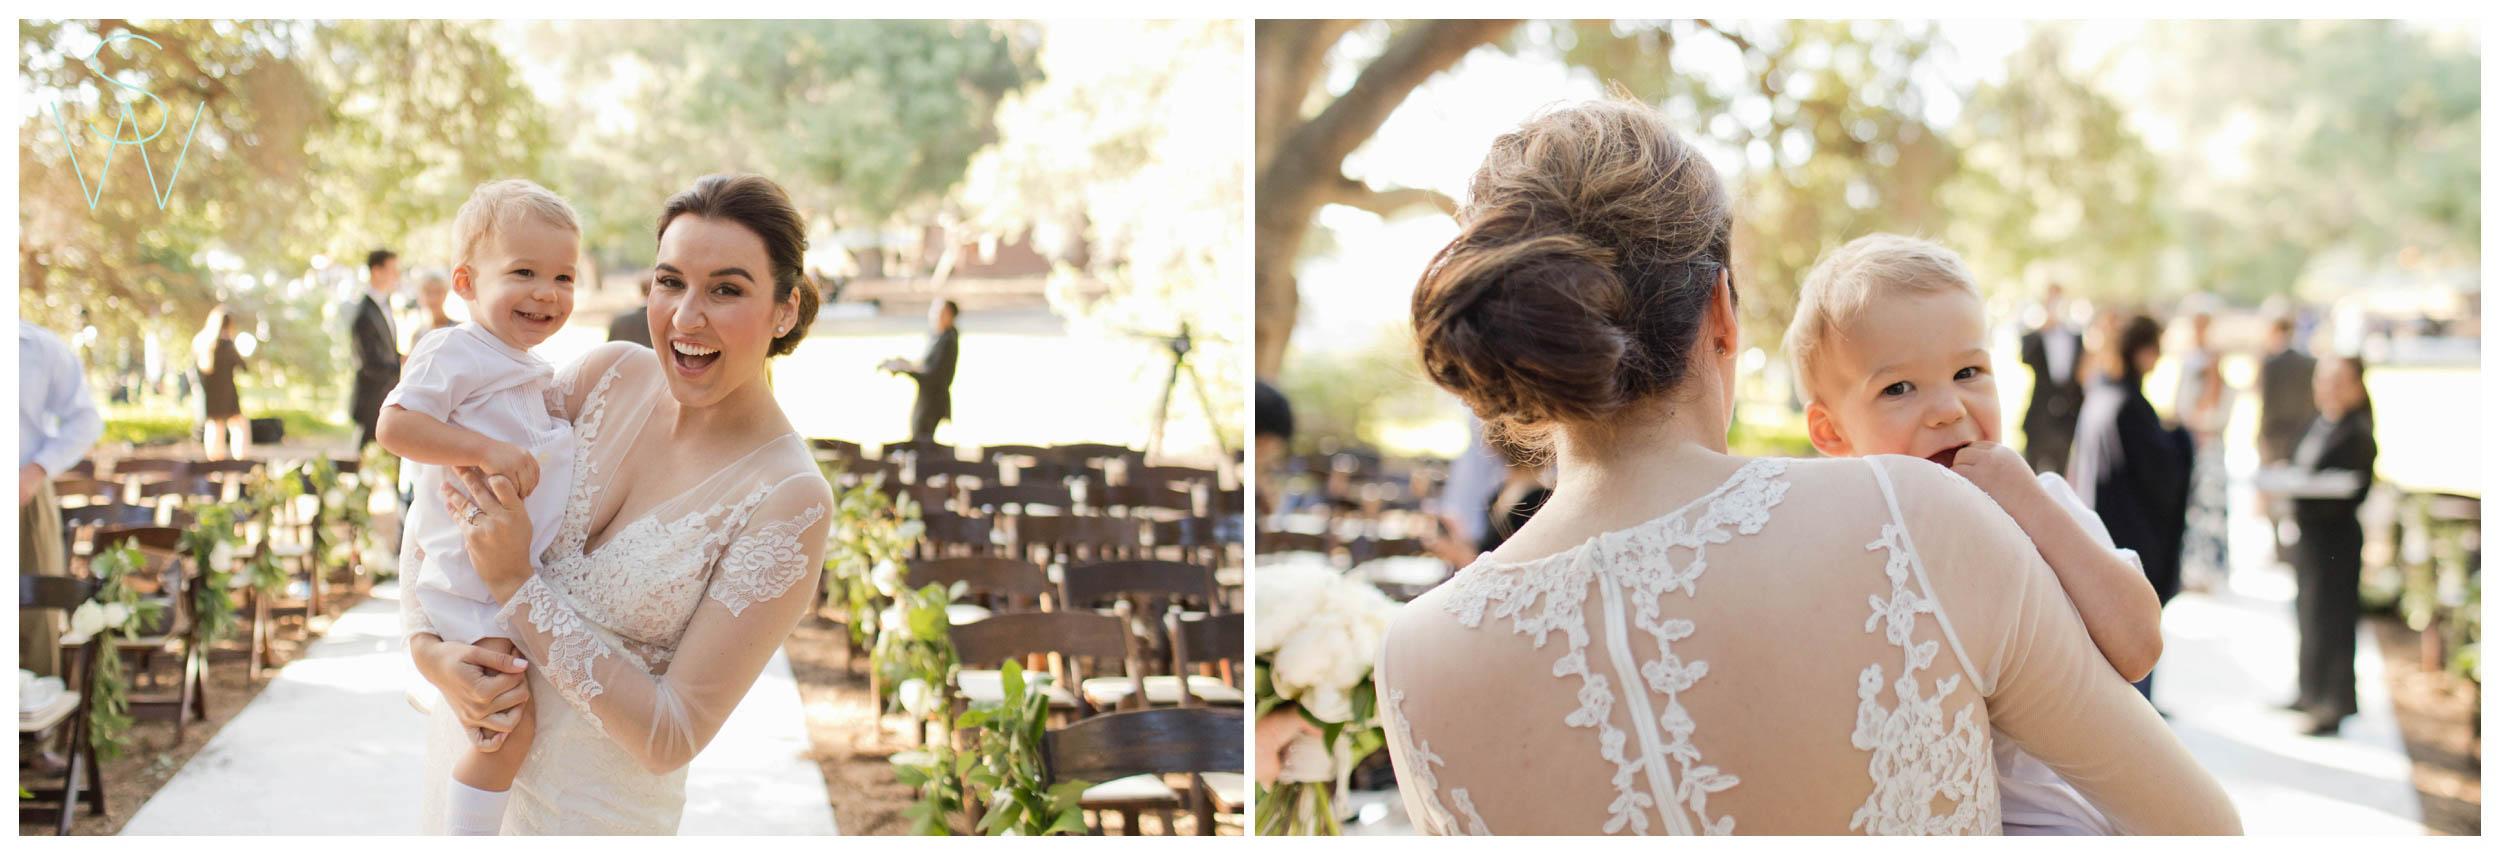 Shewanders.san_.diego_.wedding.photography.private.estate.tara_.jason-3848.jpg.diego_.wedding.photography.private.estate.tara_.jason-384.jpg